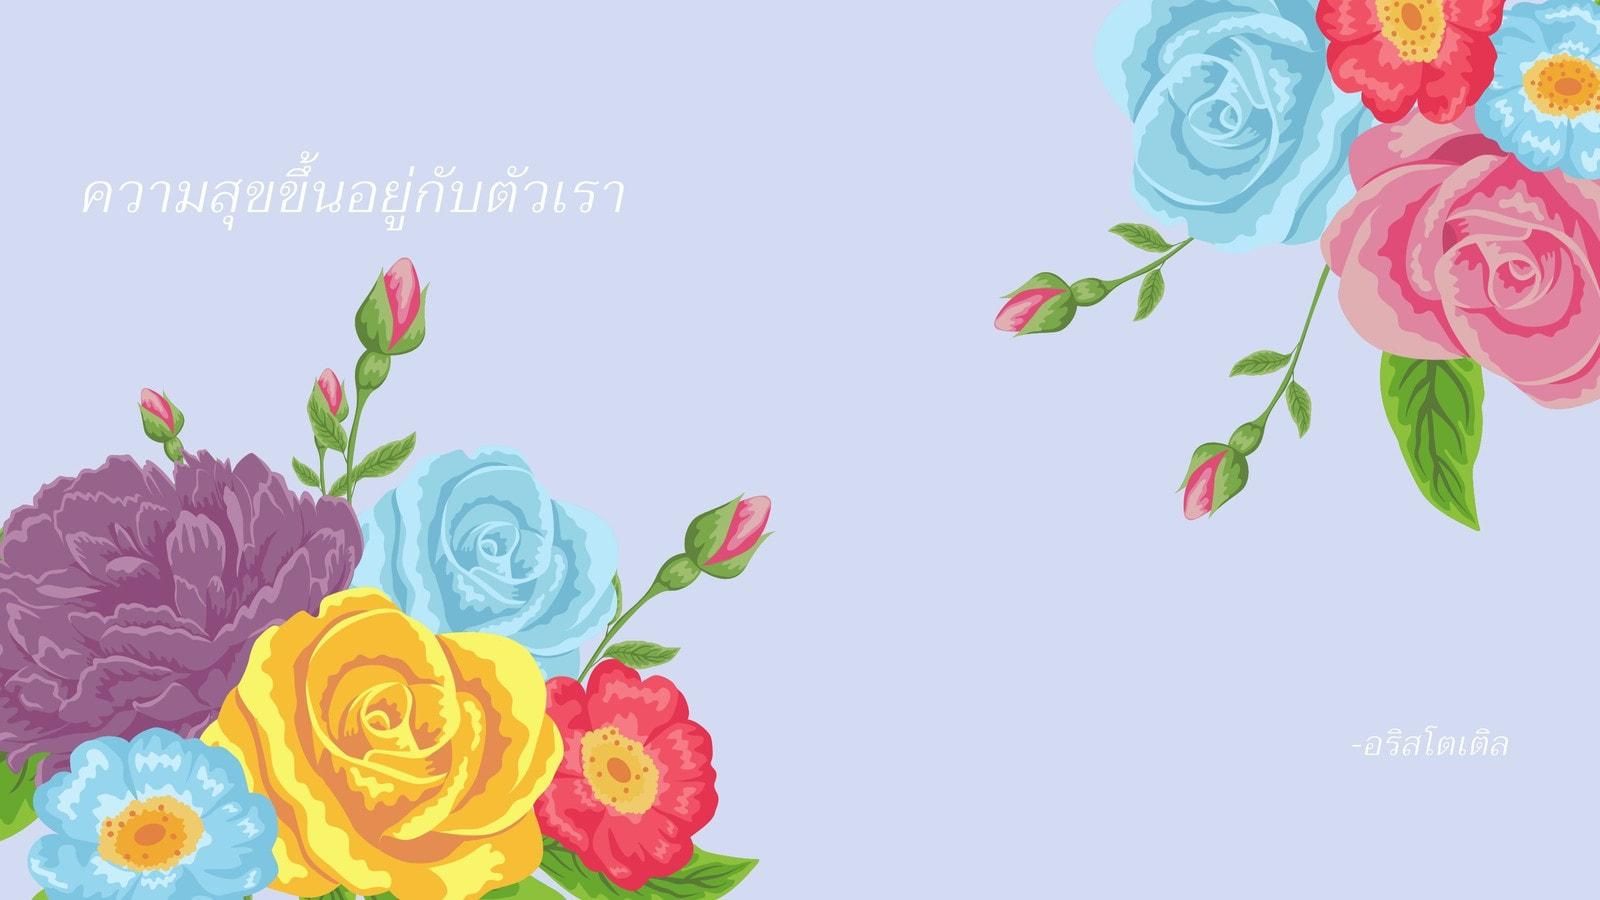 พื้นหลังเดสก์ท็อป ลายดอกไม้ คำคม ชีวิต สีน้ำเงิน สีพาสเทล